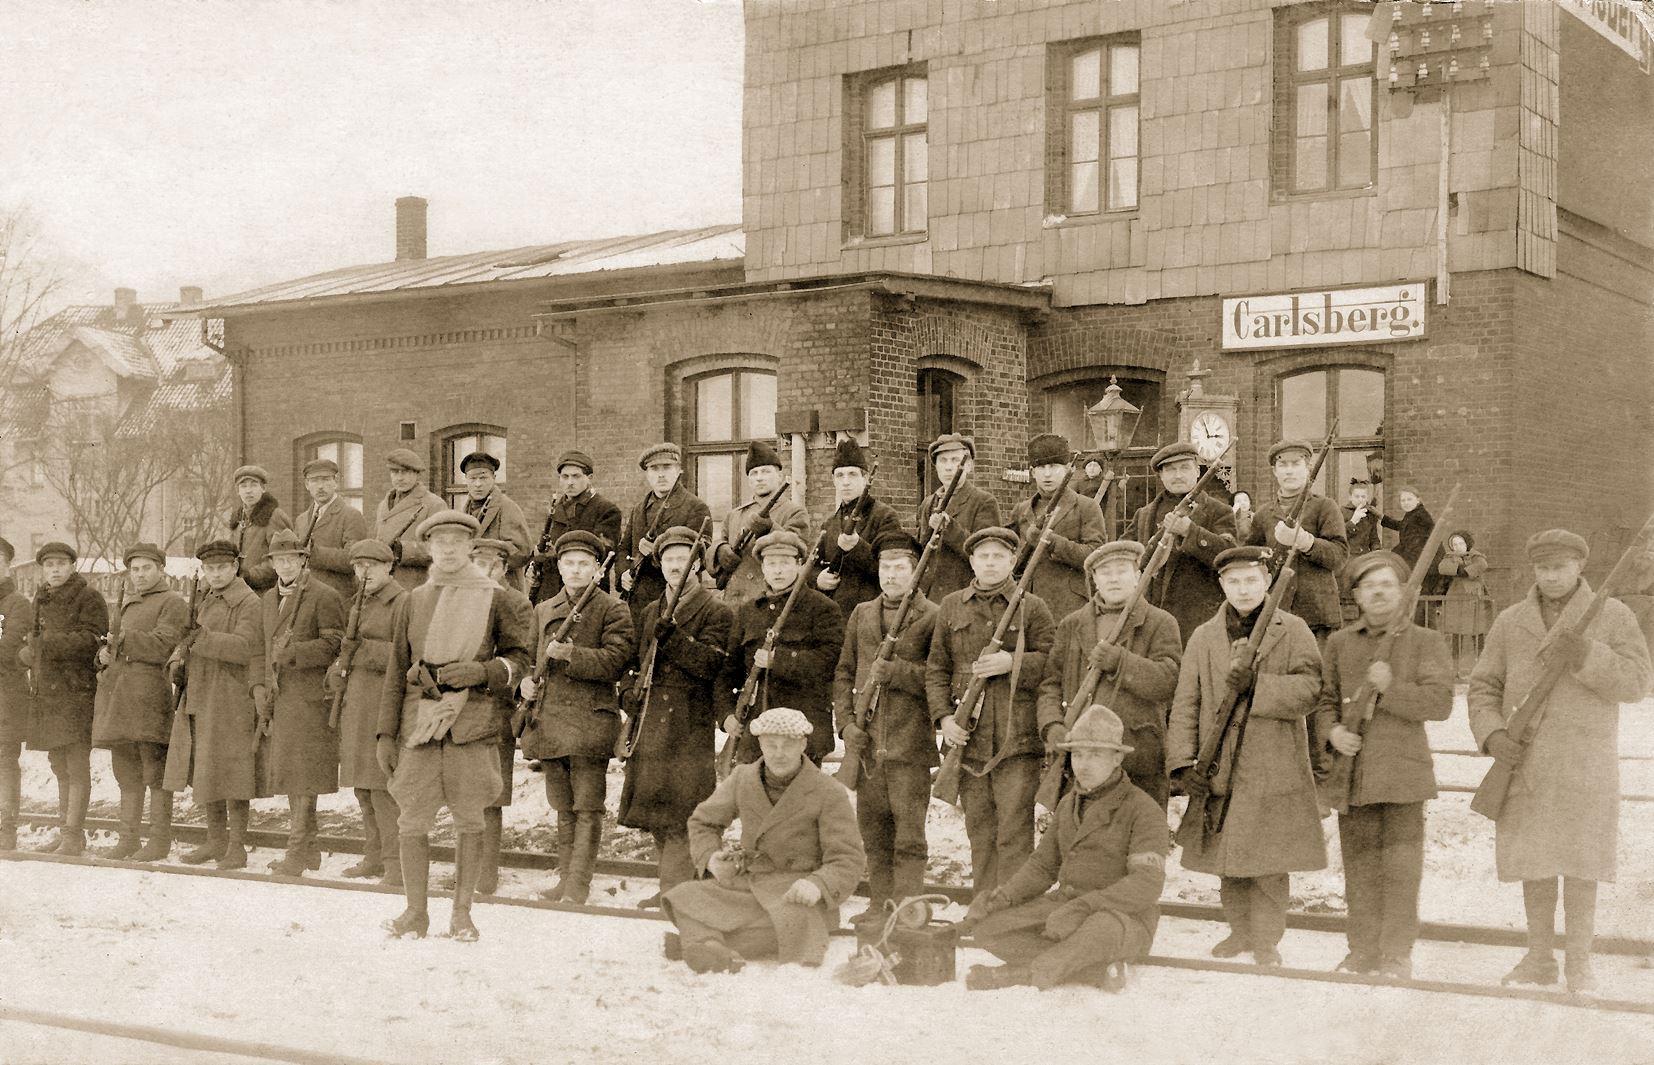 Savanoriai Rimkų (Carlsberg) geležinkelio stotyje. 1923 m. sausis | MLIM nuotr.